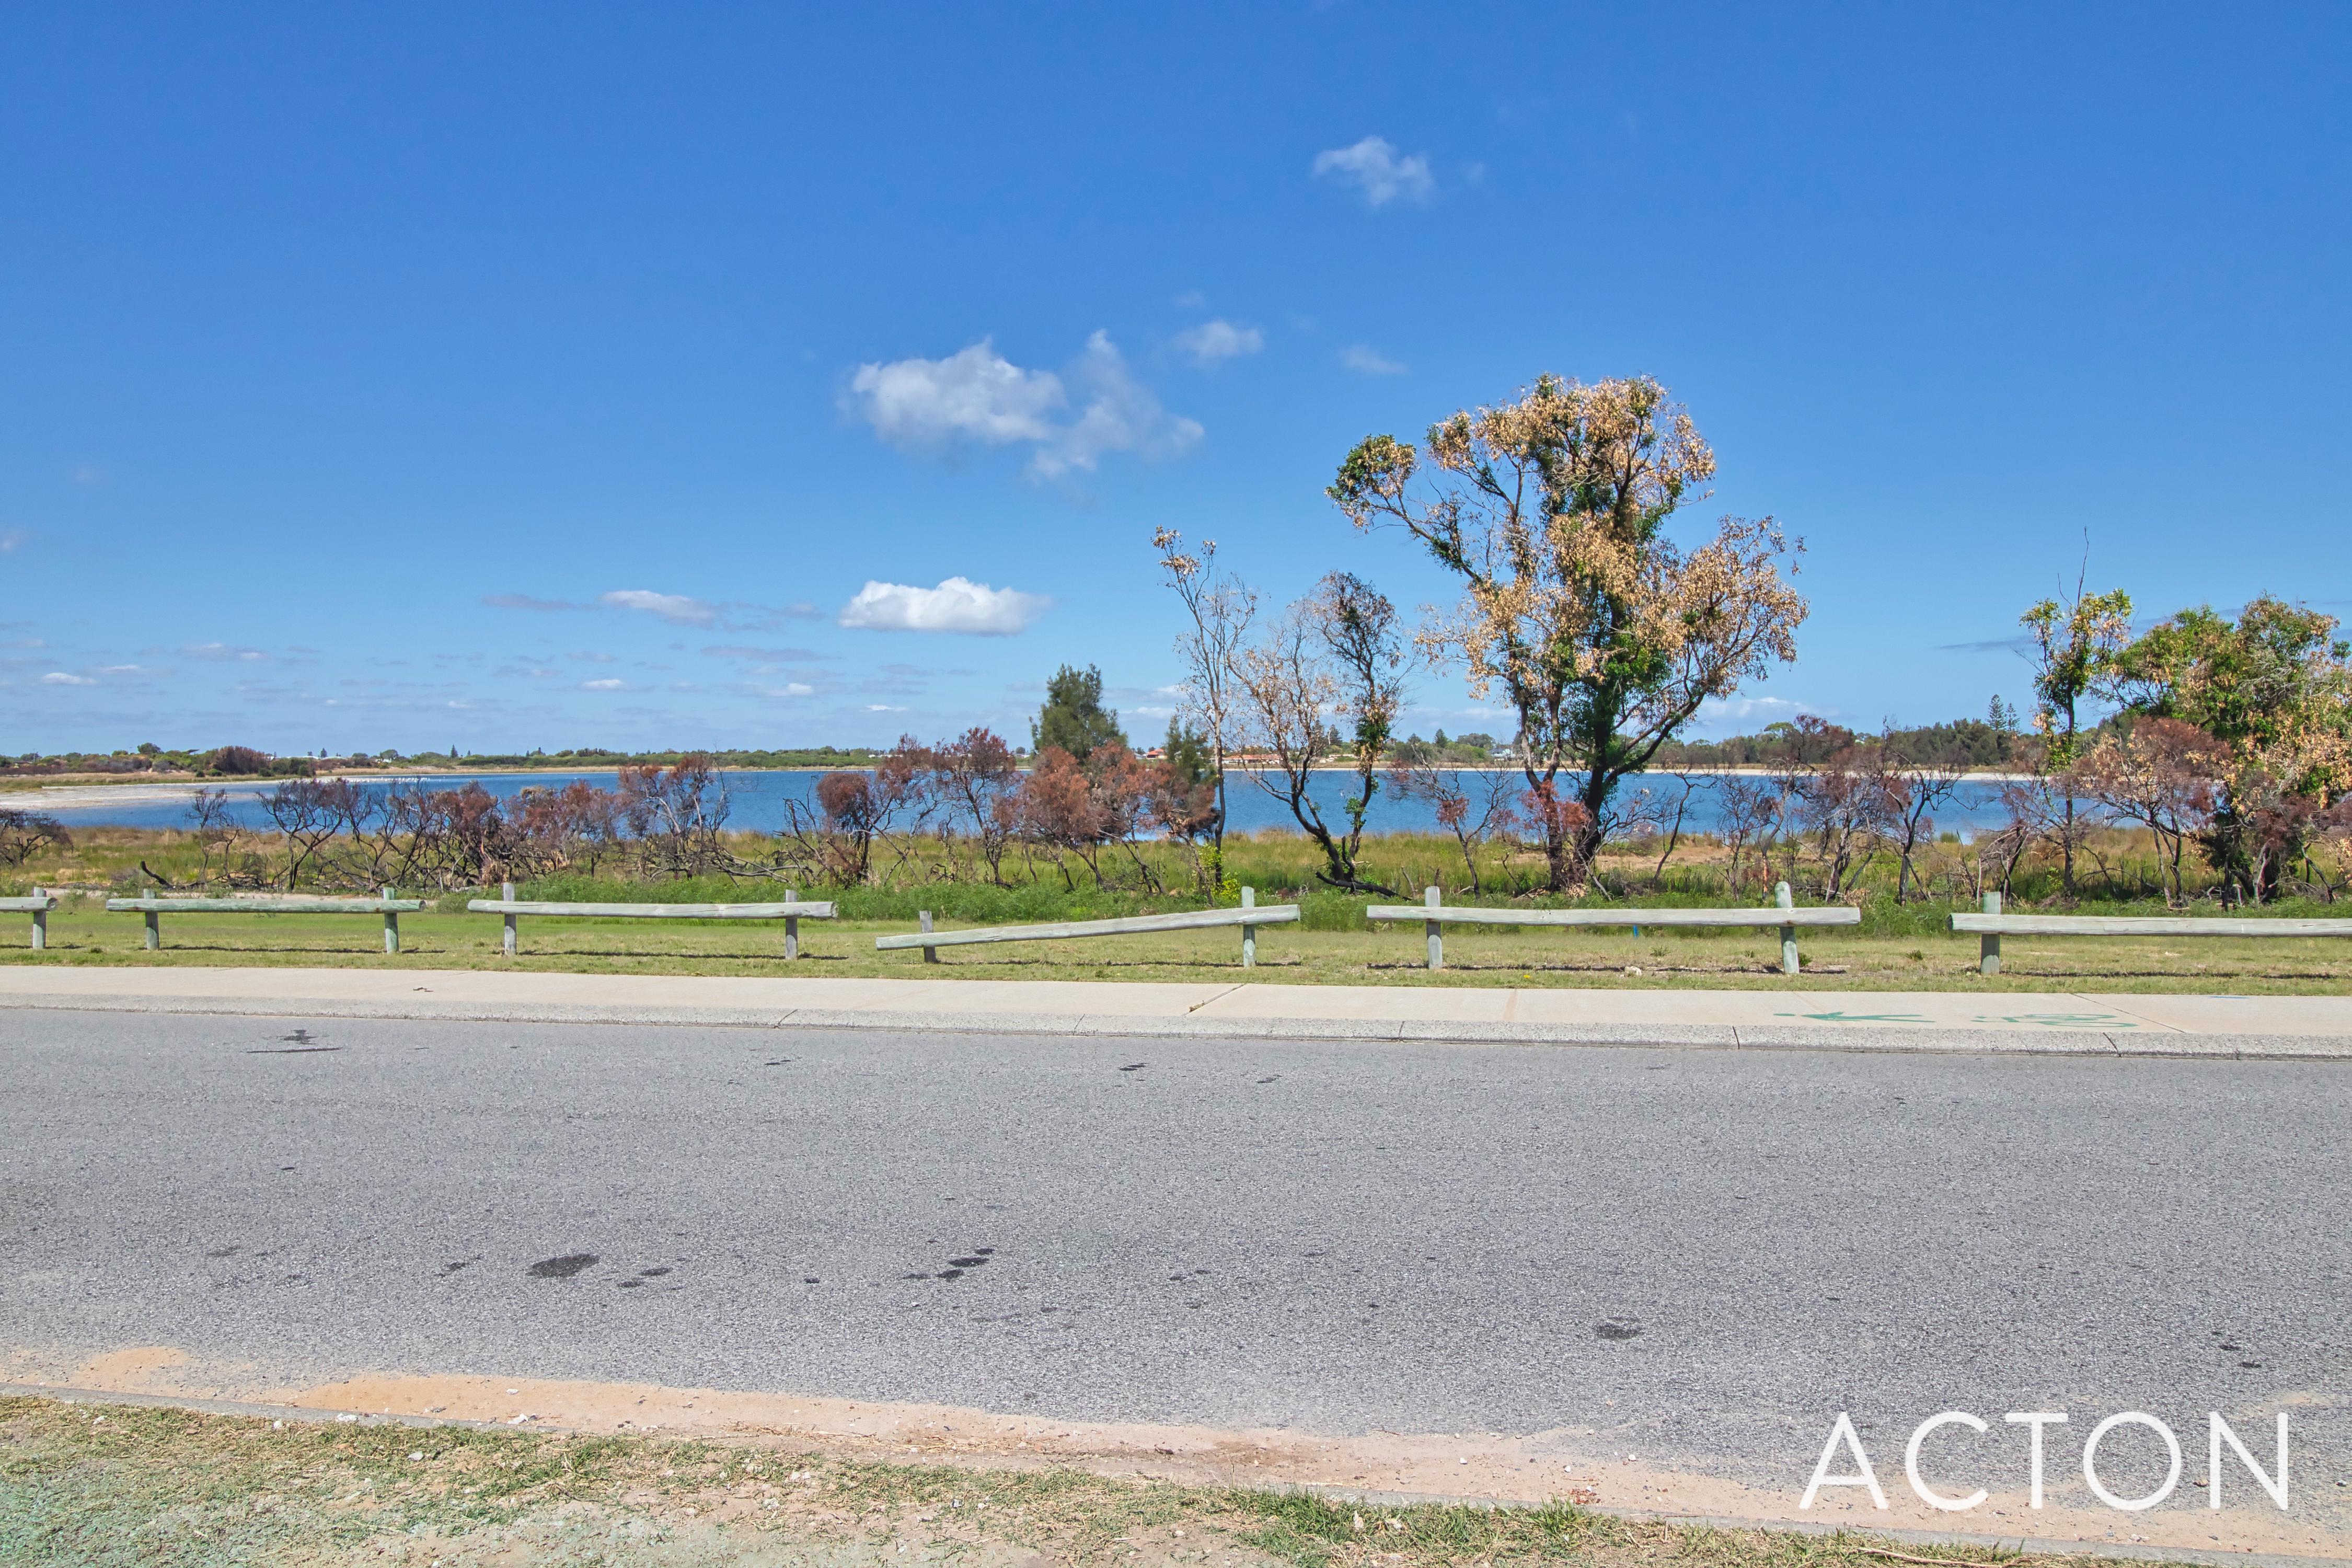 14 Lake Street Rockingham - Land For Sale - 23013271 - ACTON Rockingham